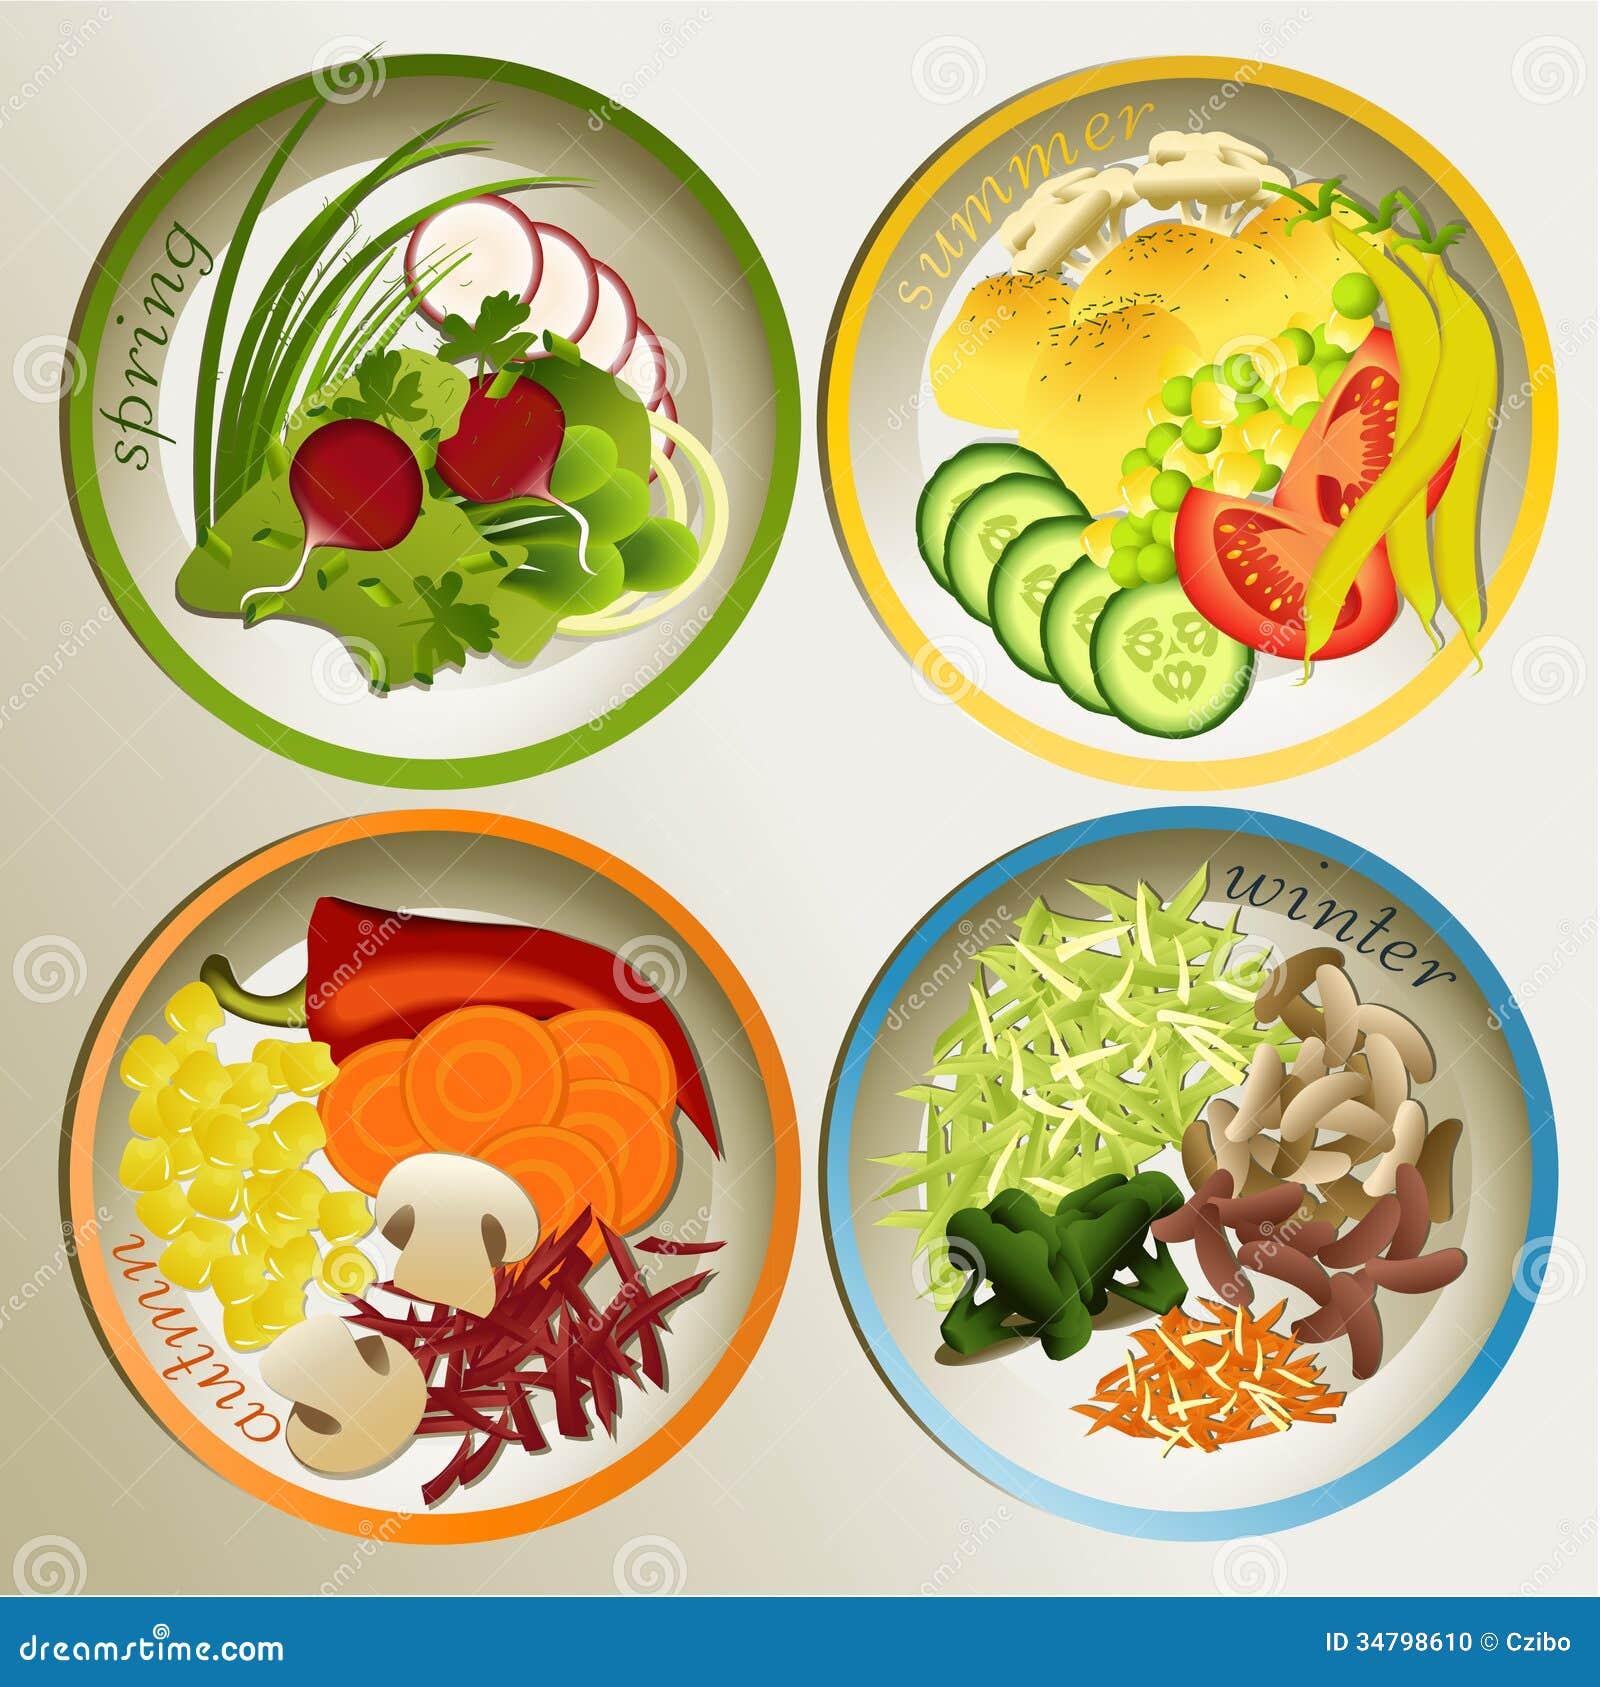 4 seasons diet food